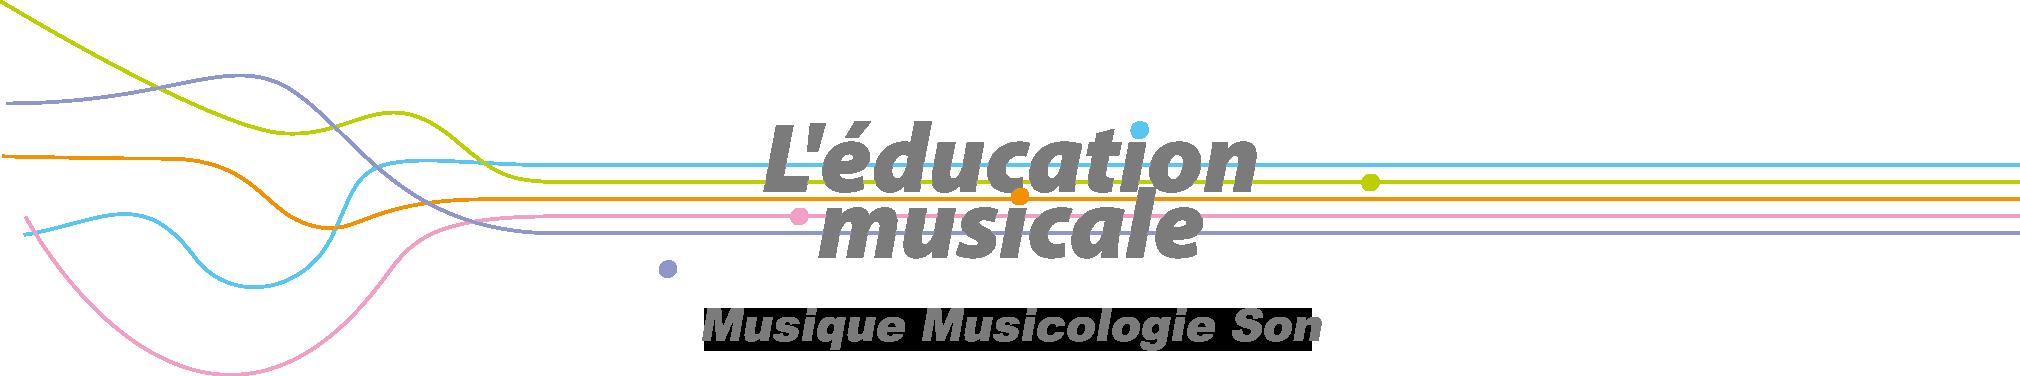 Le violon d'Abraham : Article du musicologue Hector Sabo dans l'Éducation musicale